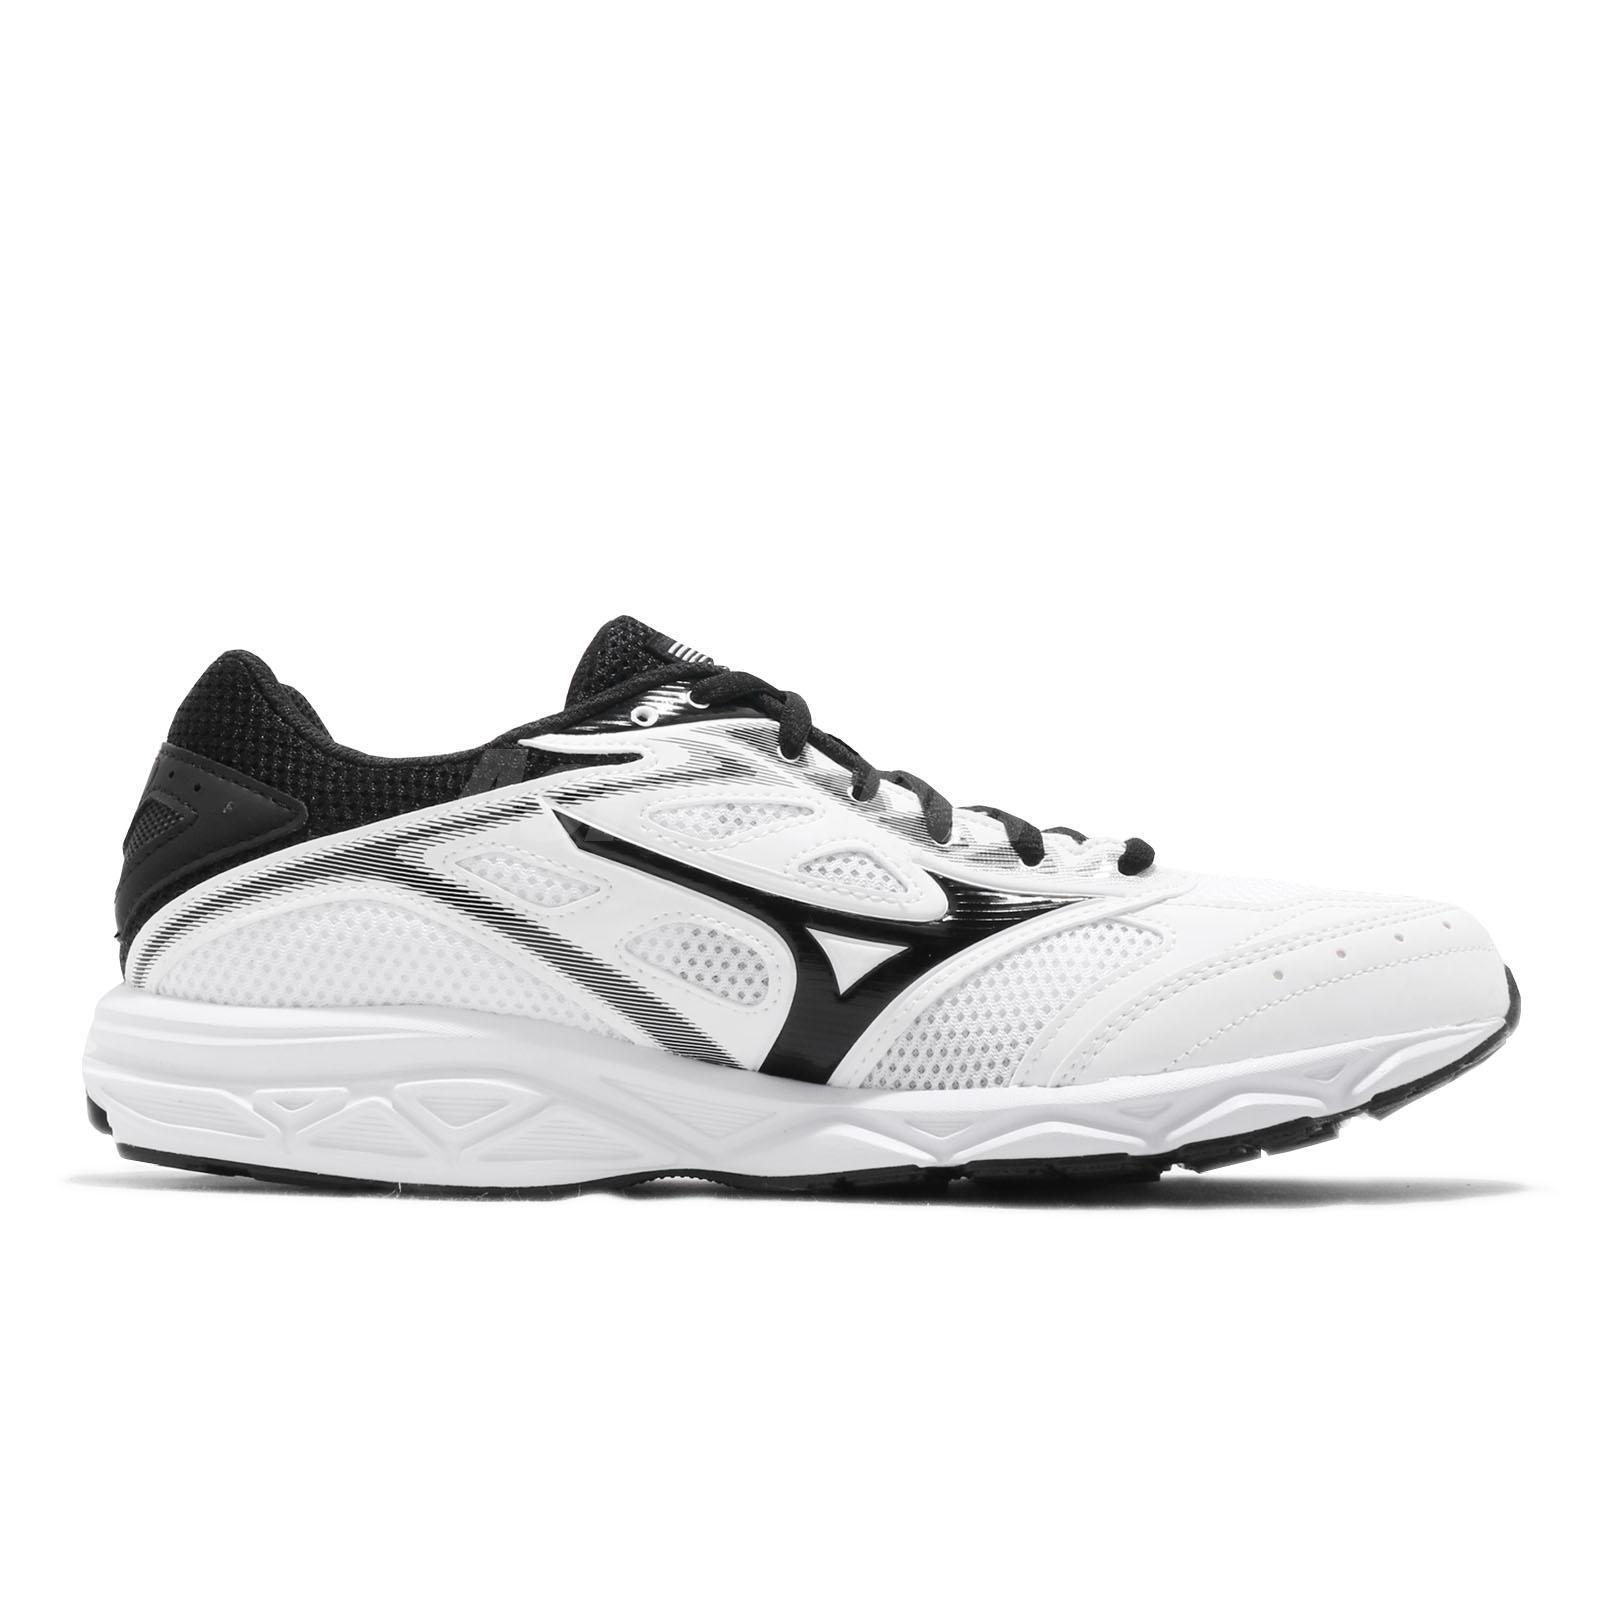 mens mizuno running shoes size 9.5 eu west shoe hours